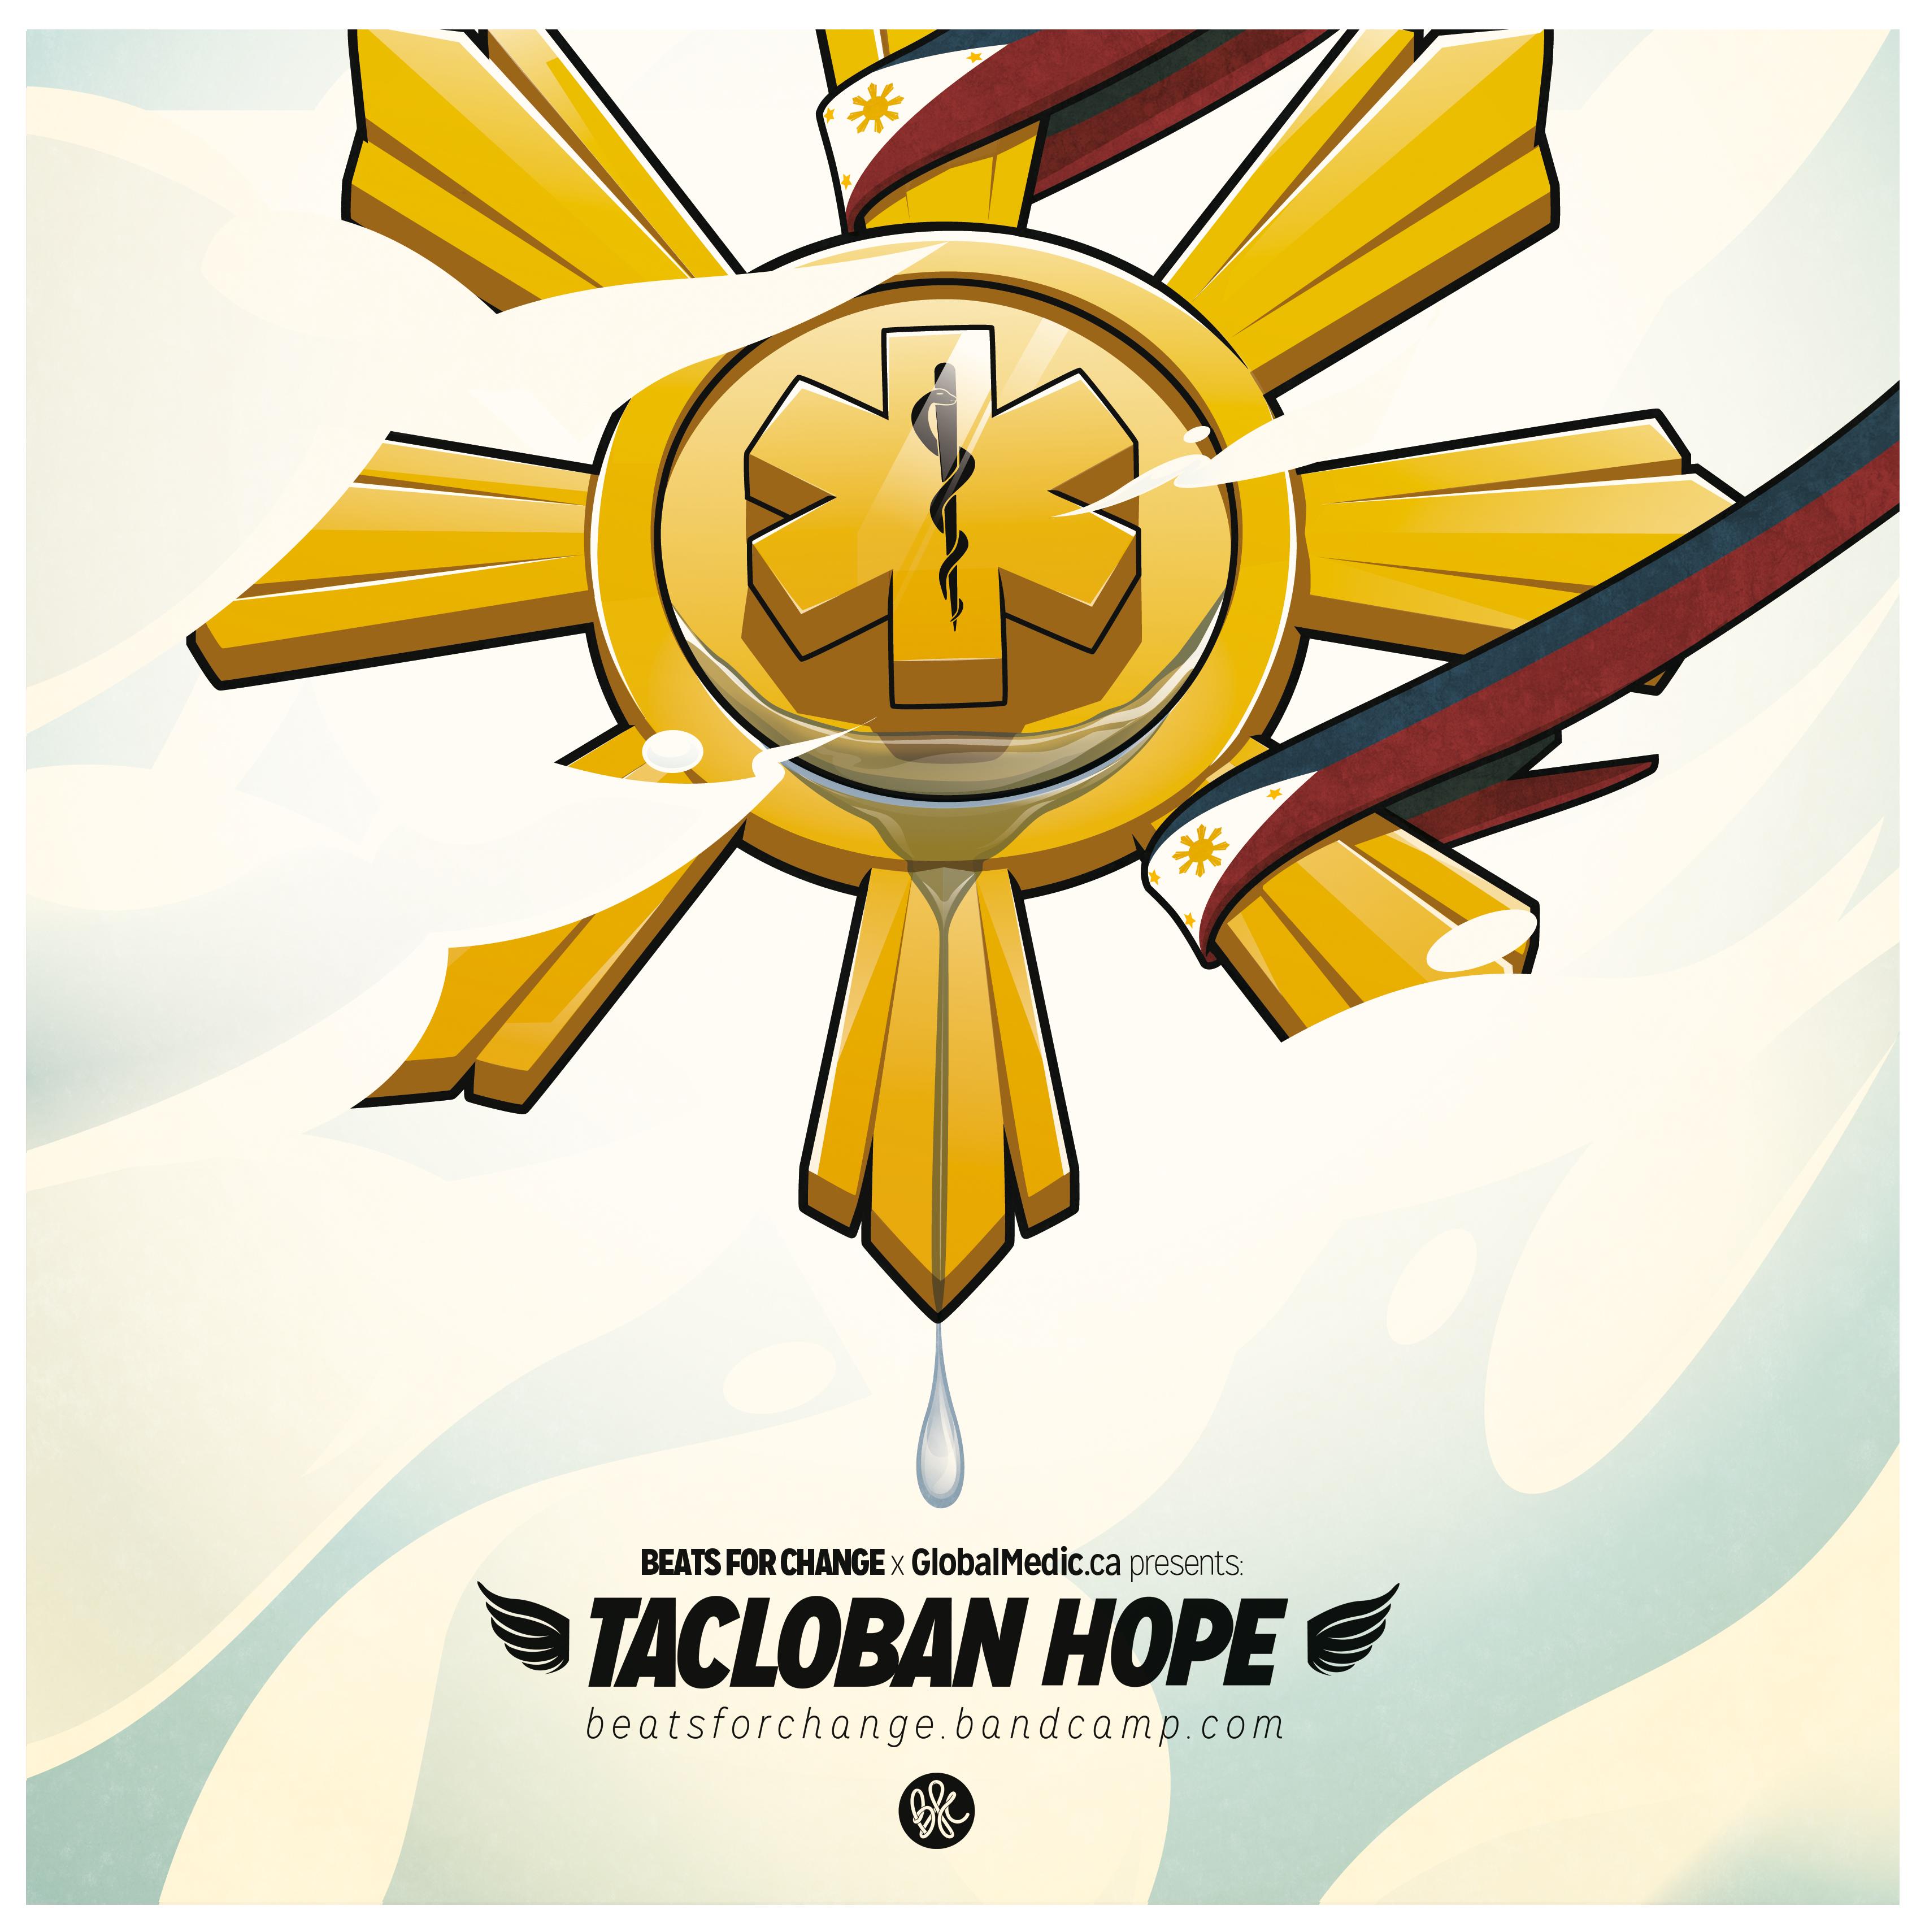 tacloban hope_2